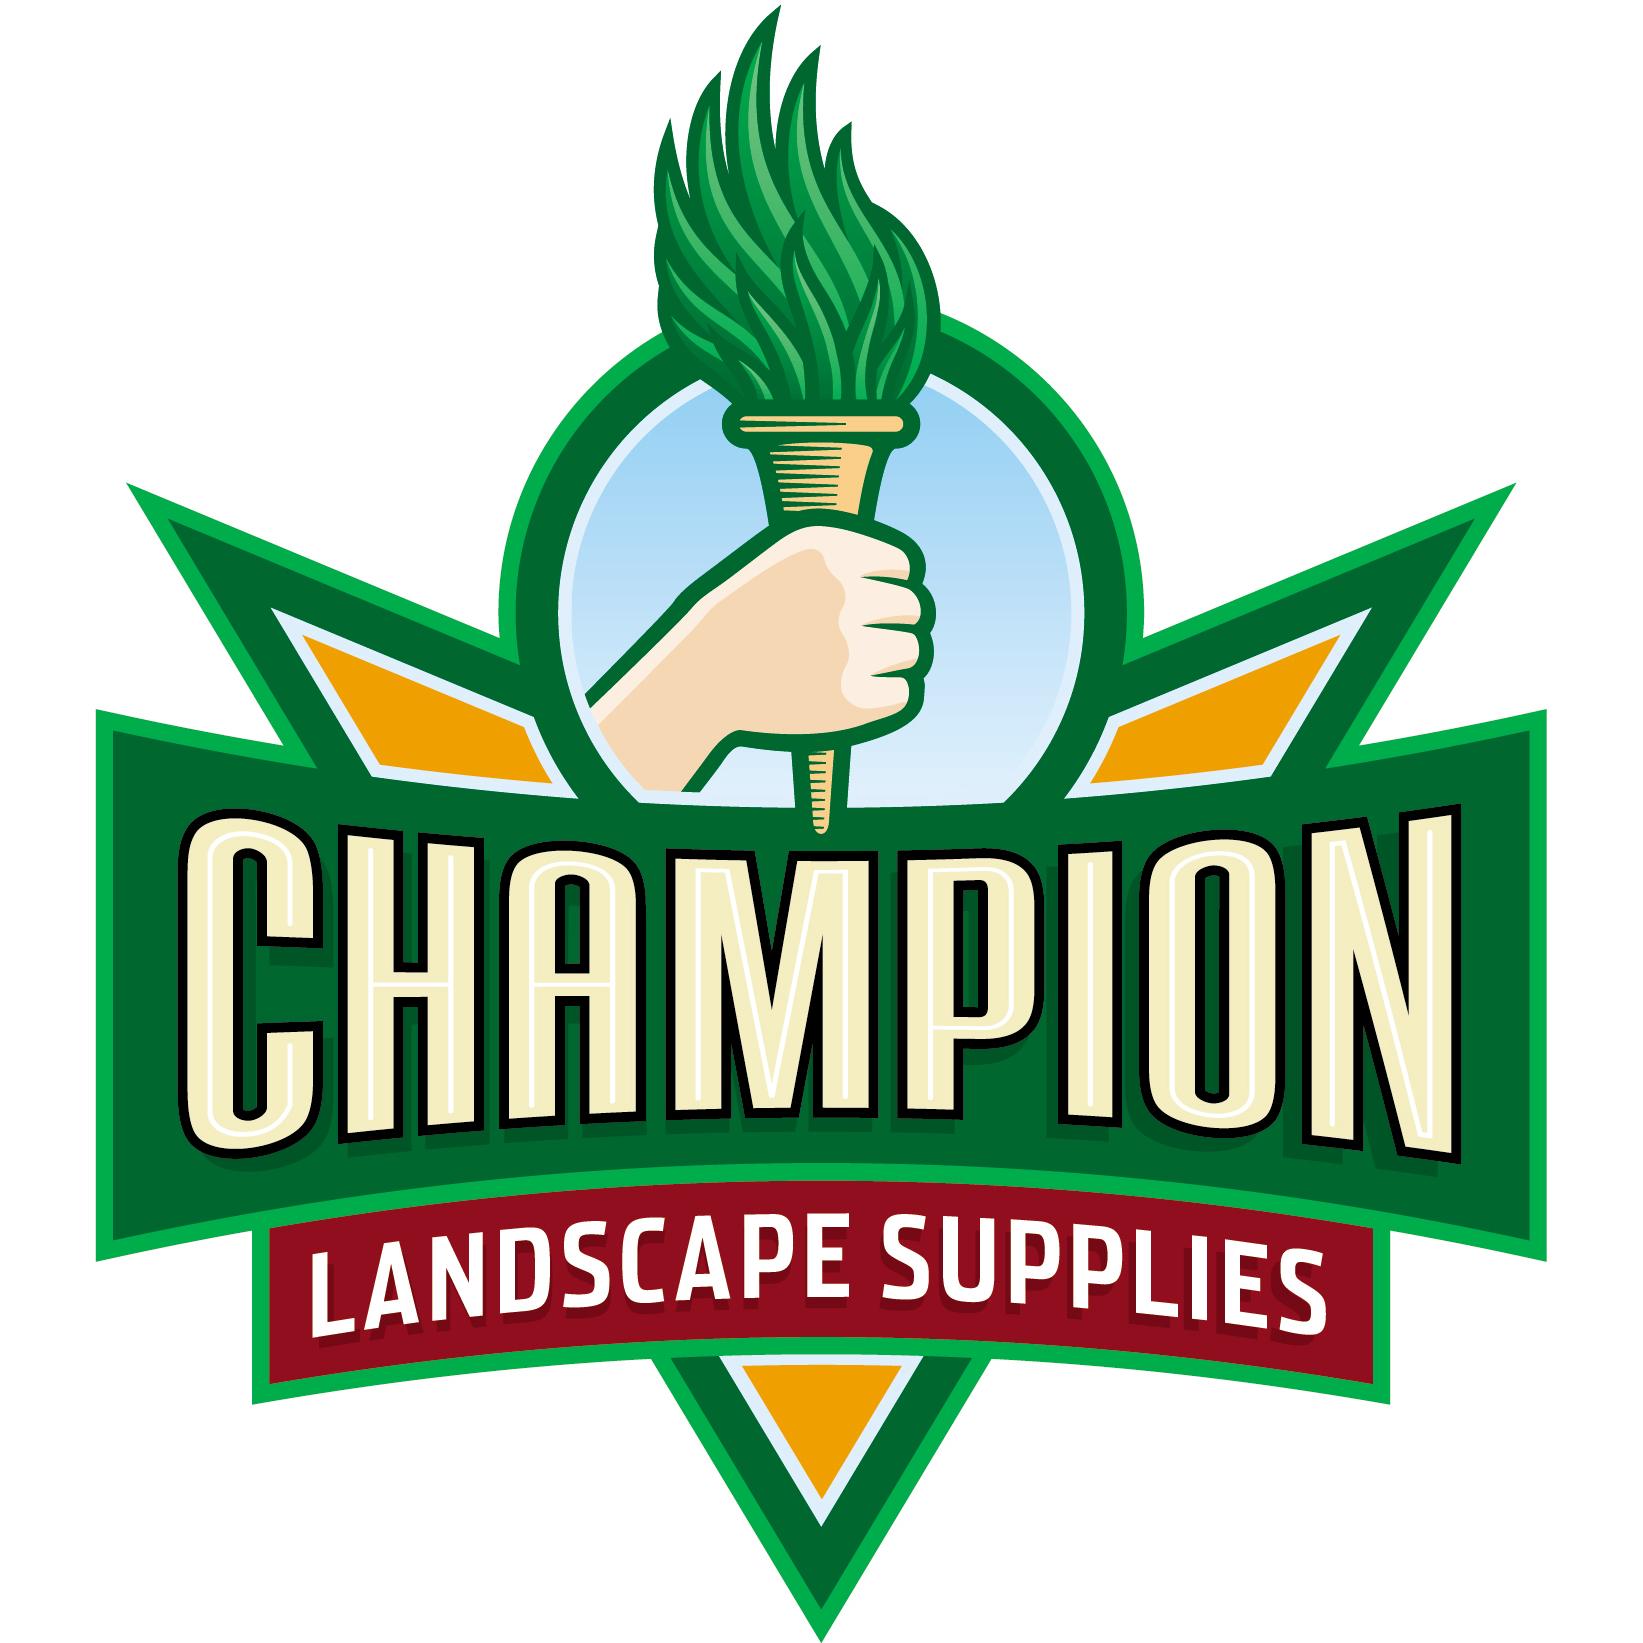 Champion Landscape Supplies image 2